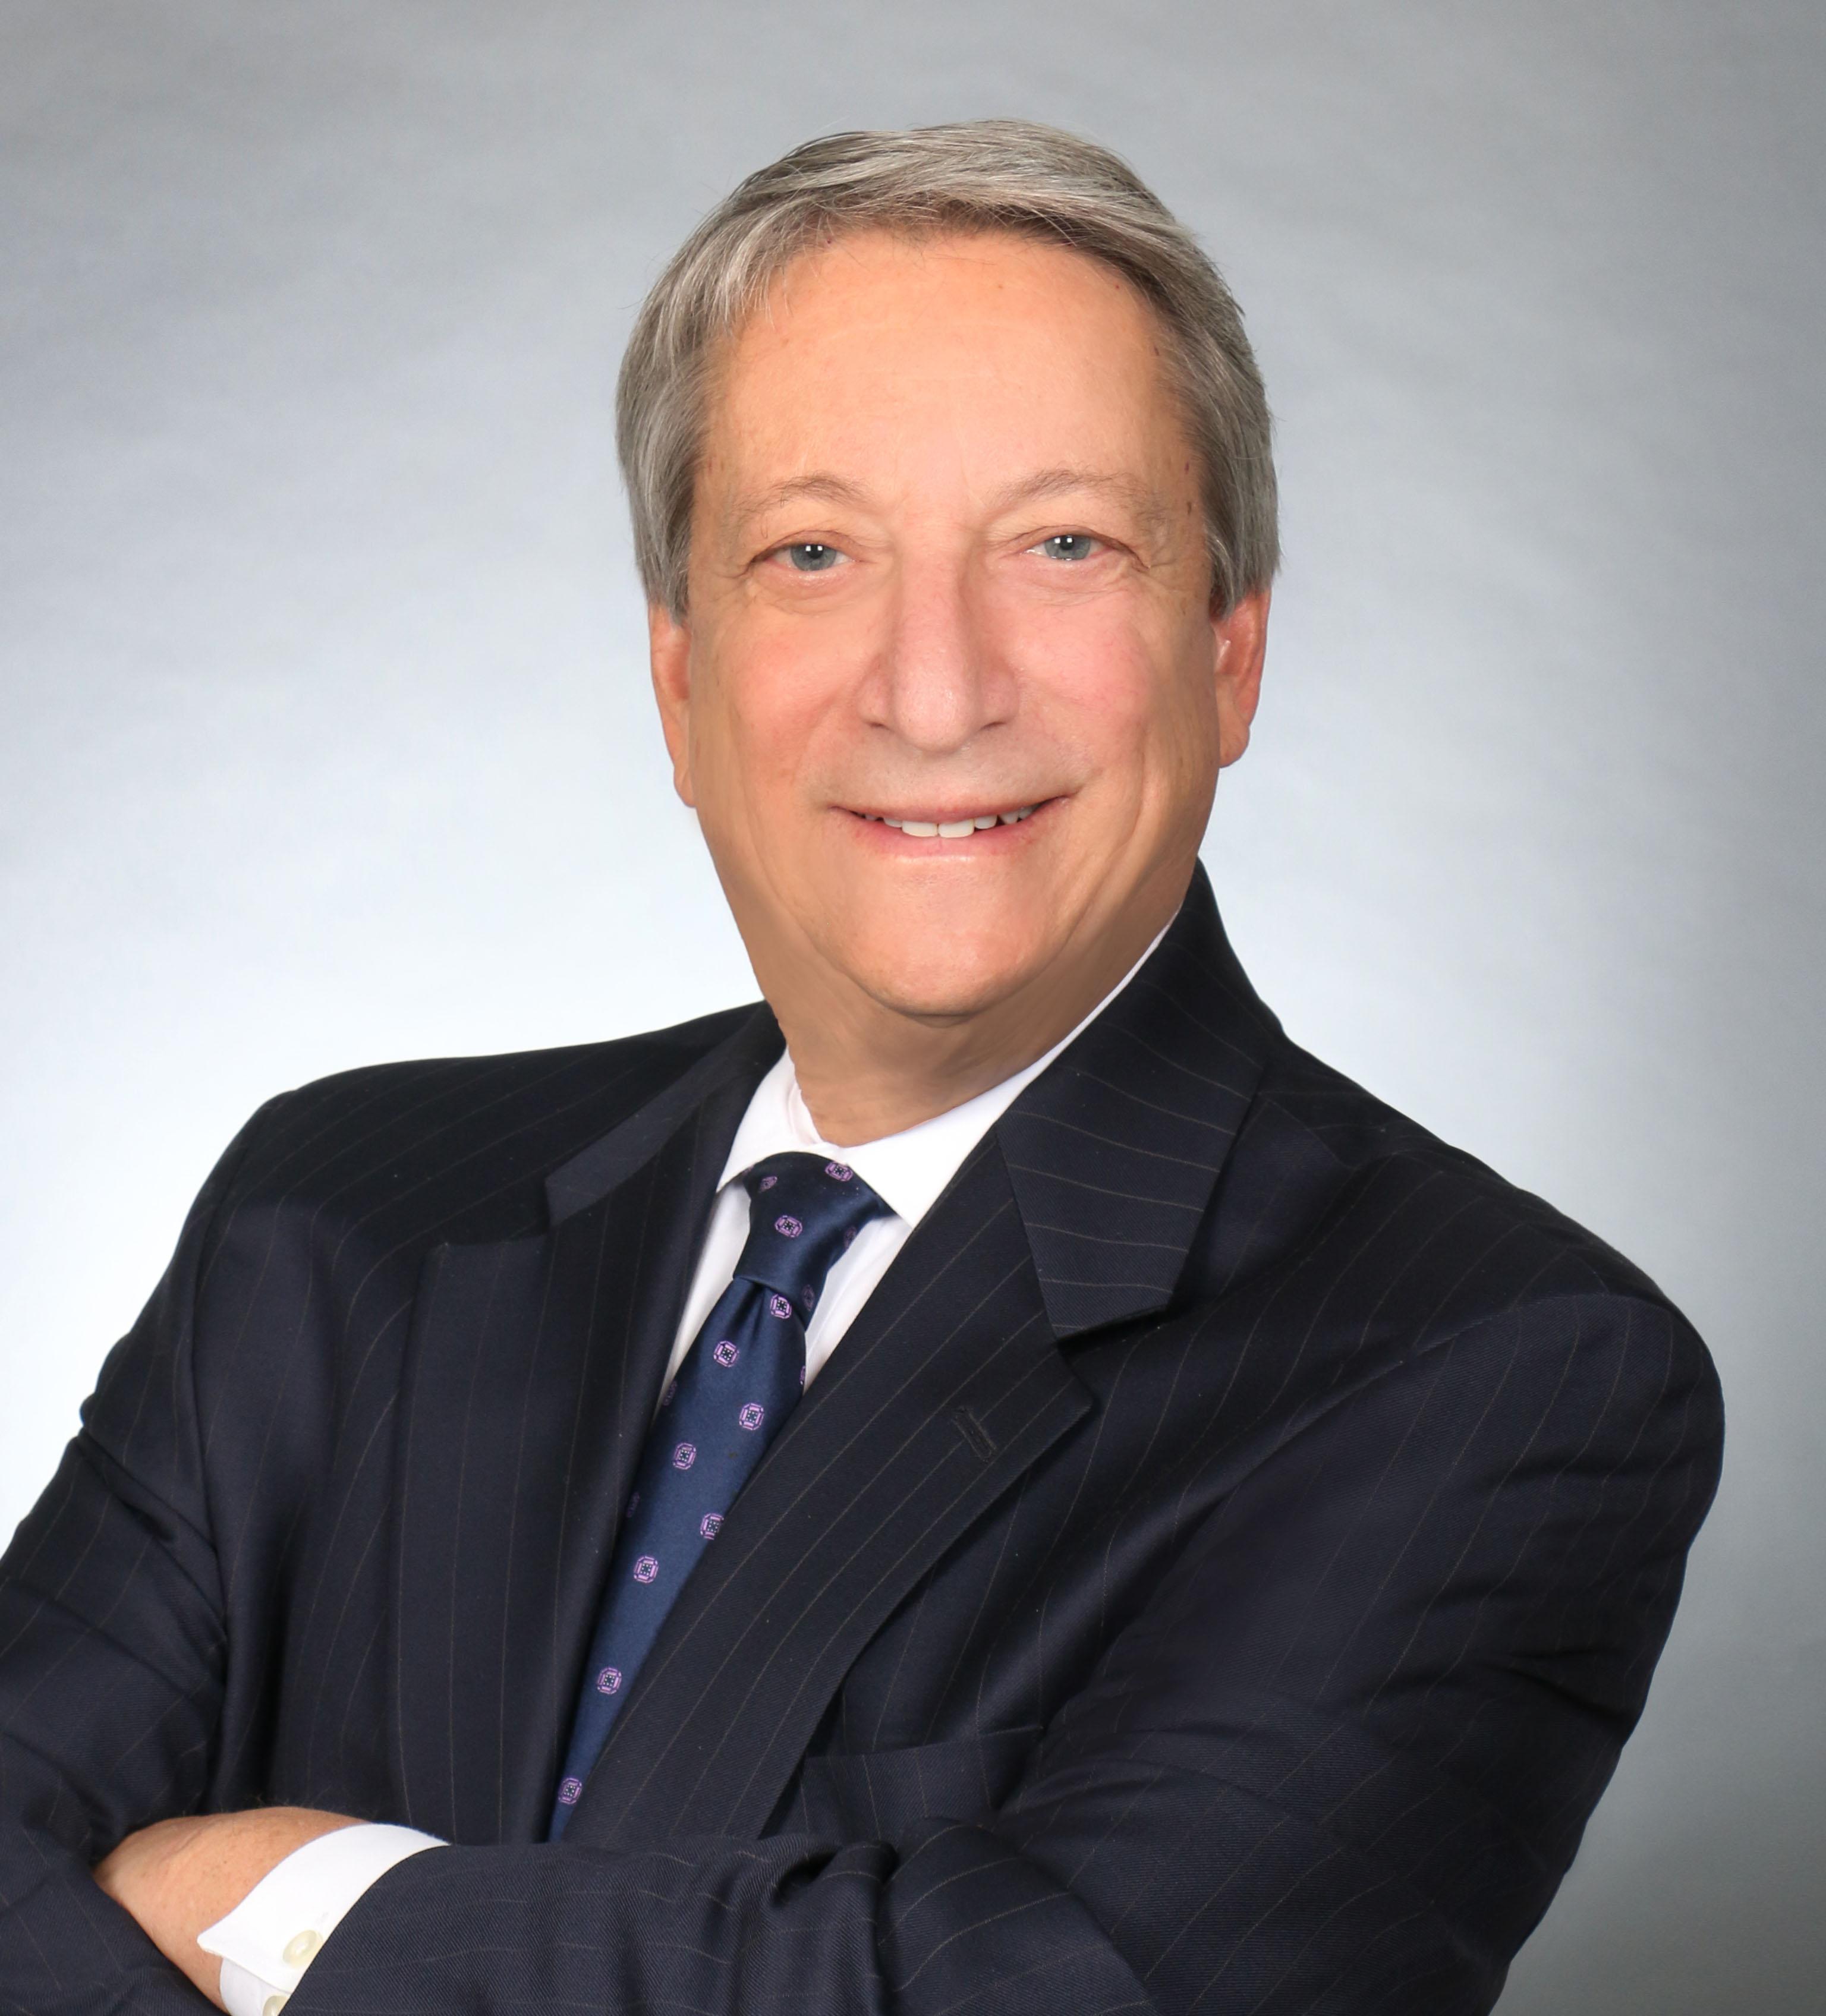 David R Levent